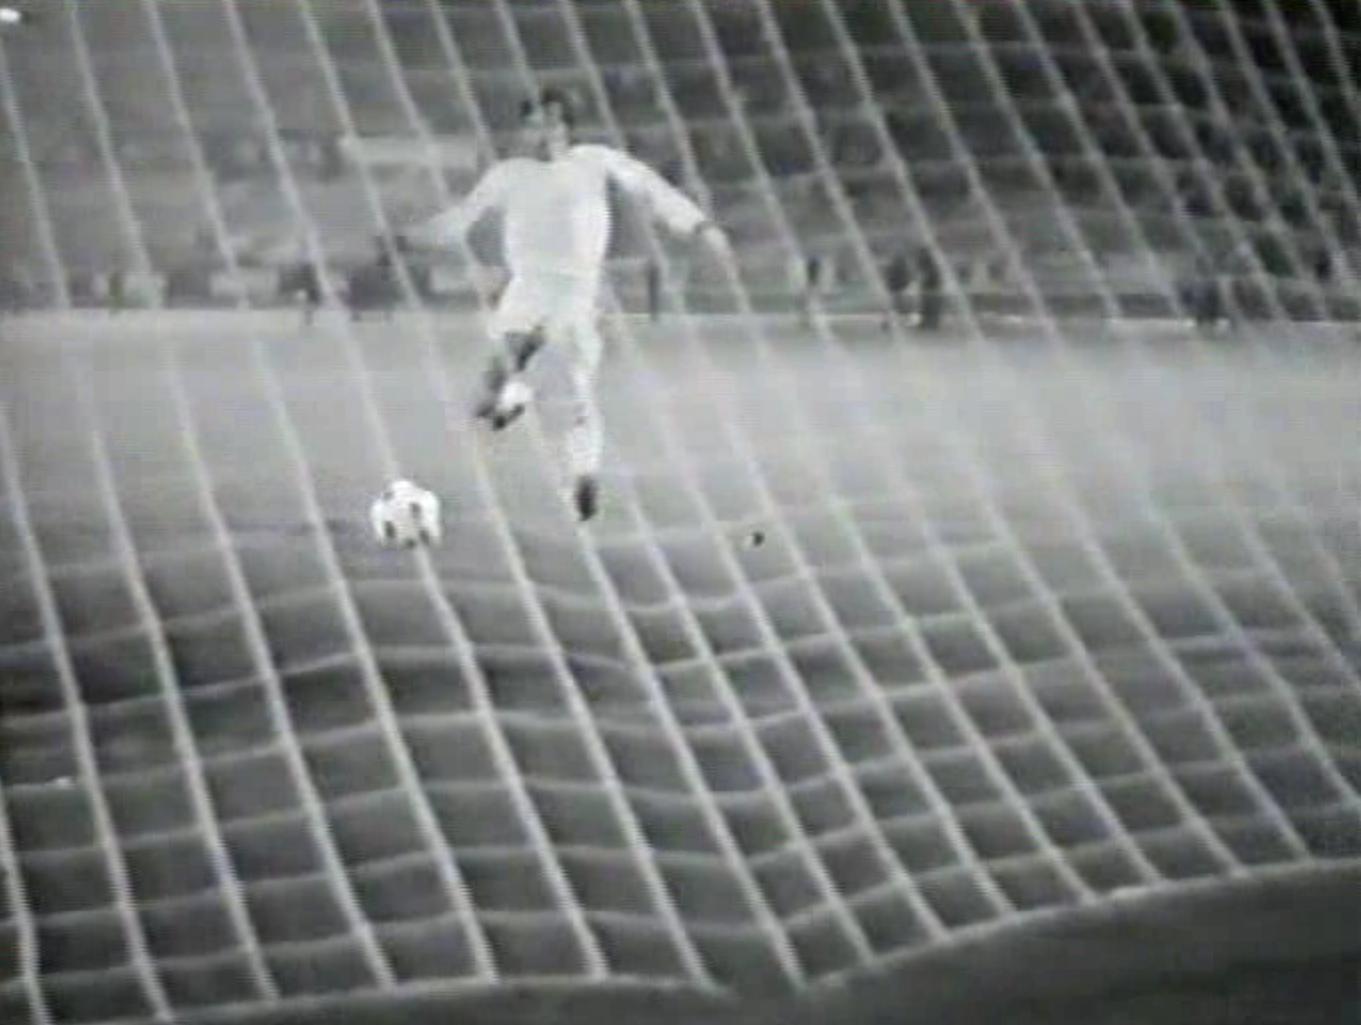 Wuppertaler SV - Ruch Chorzów 5:4 (03.10.1973)